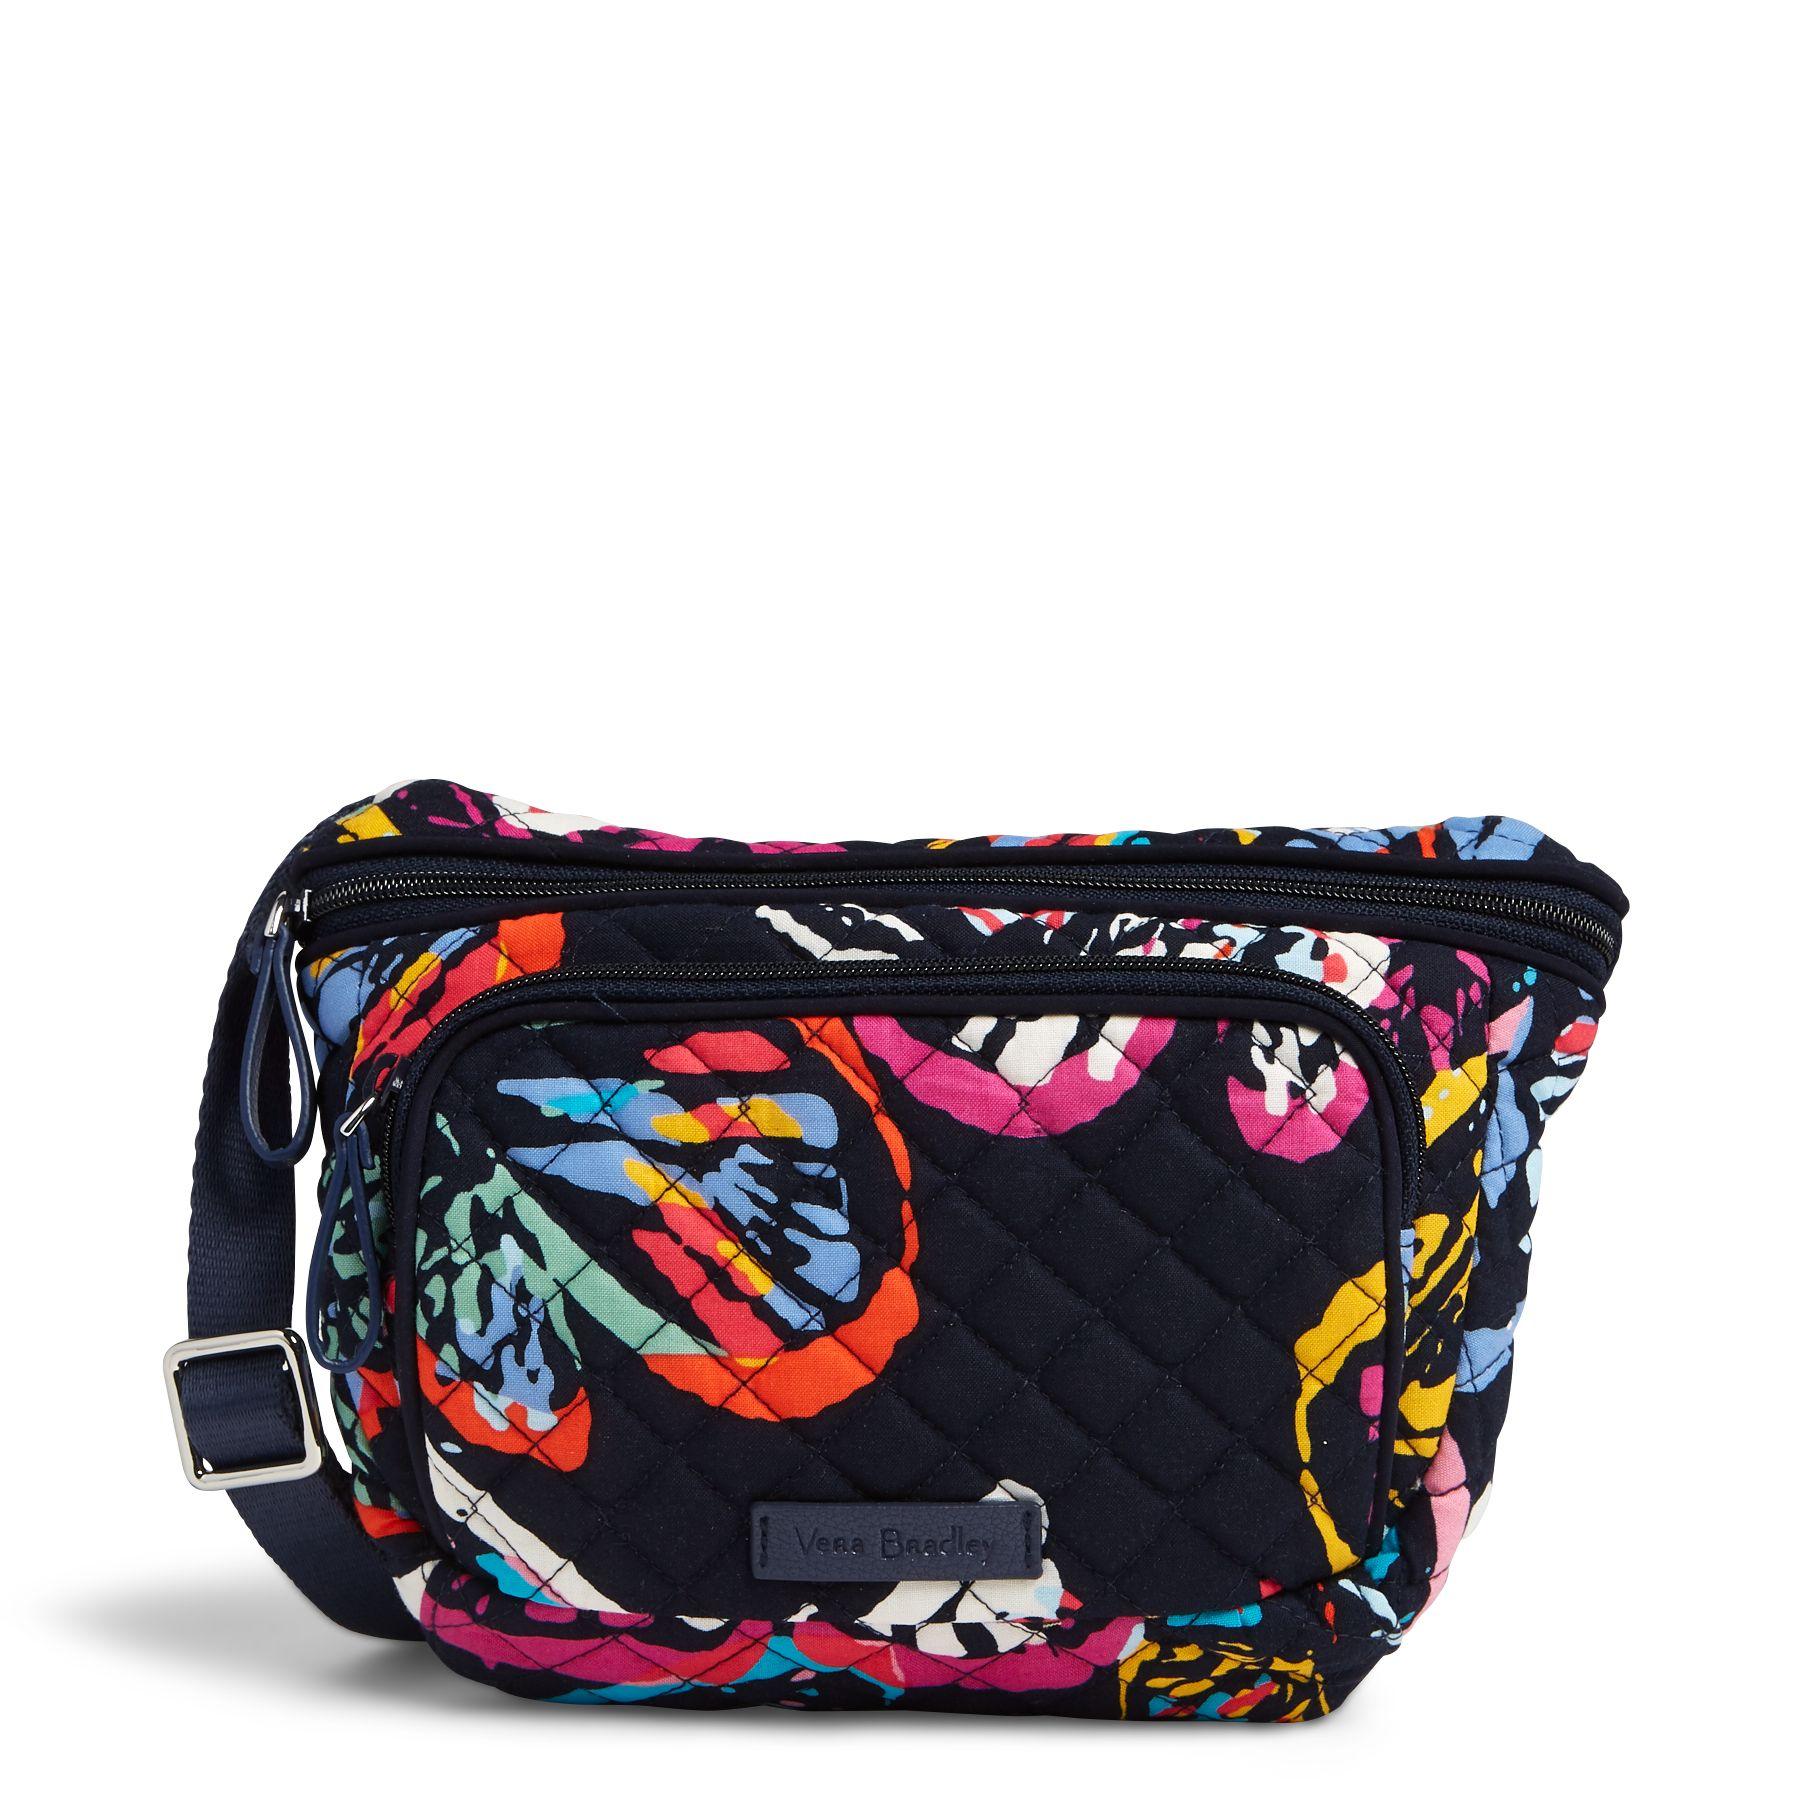 e82d566e3 Belt Bag   Vera Bradley